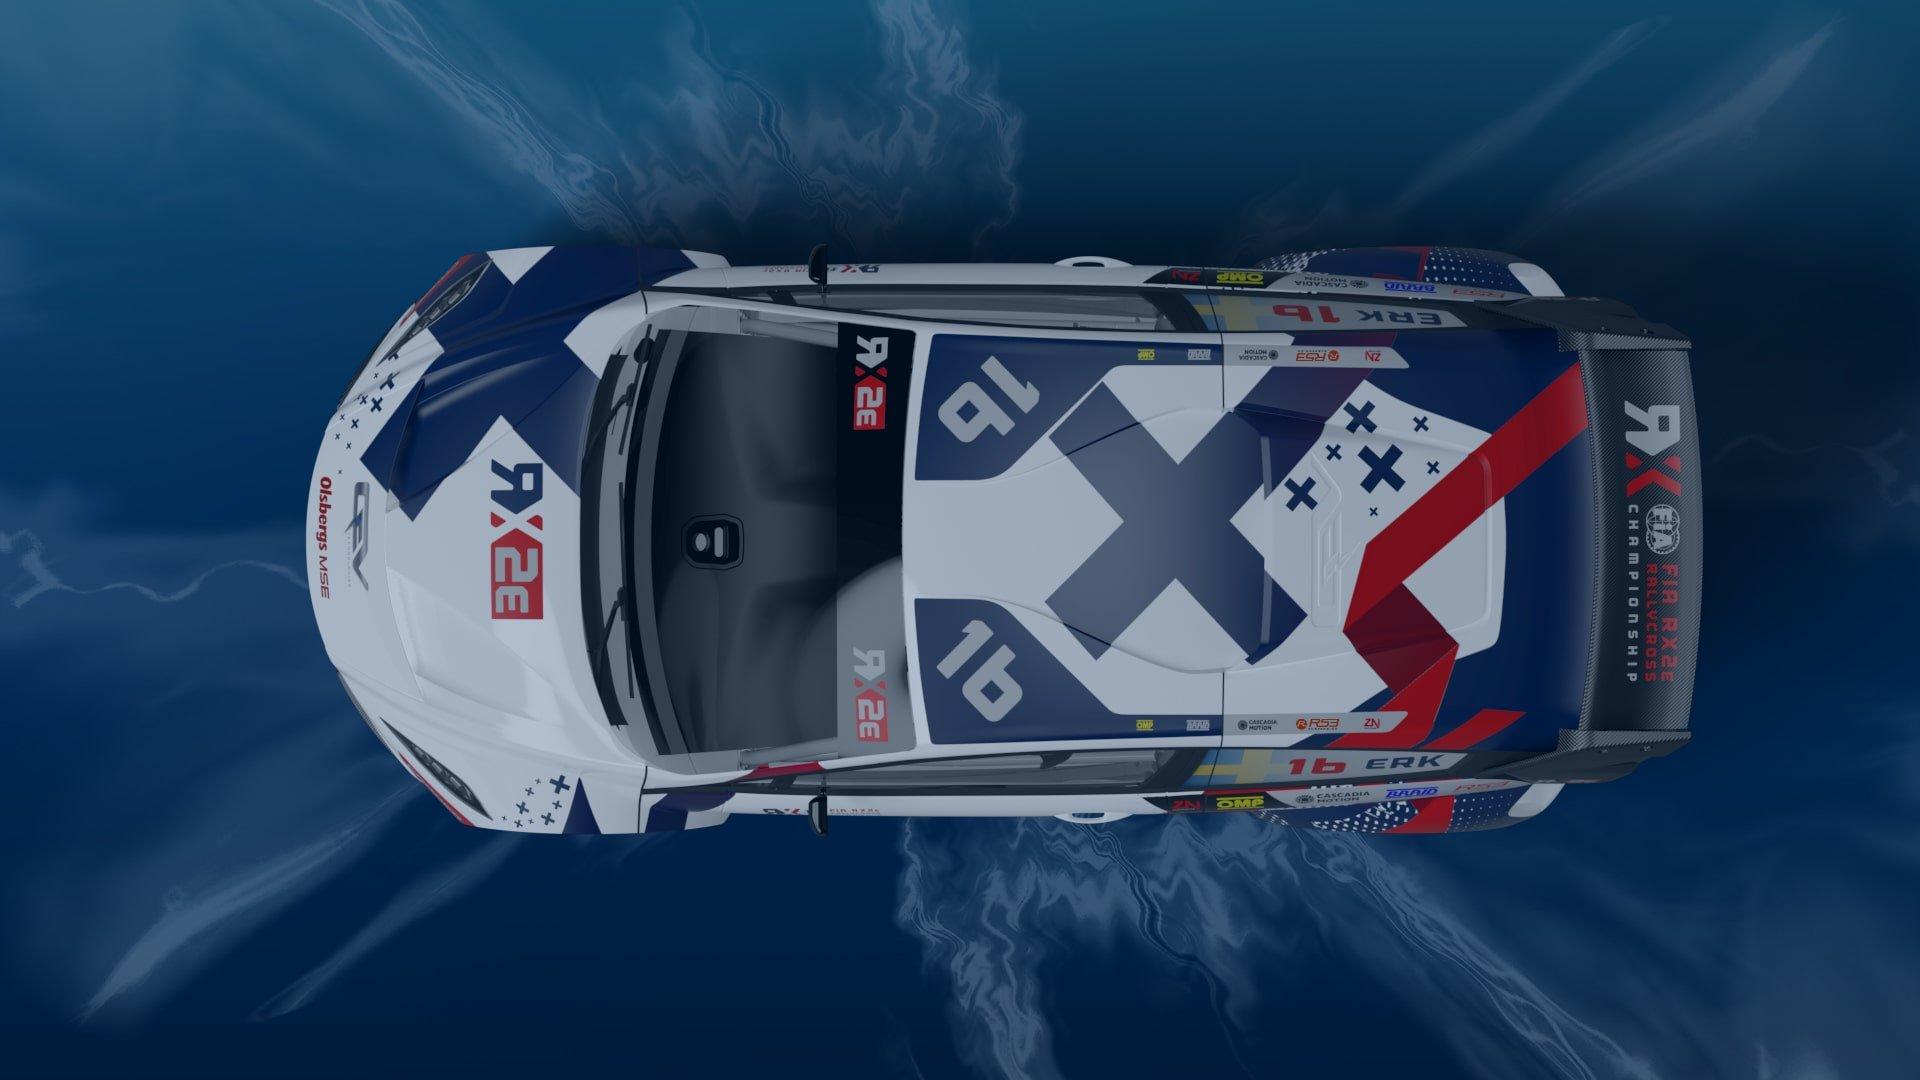 Wraps come off striking new FIA RX2e Championship challenger